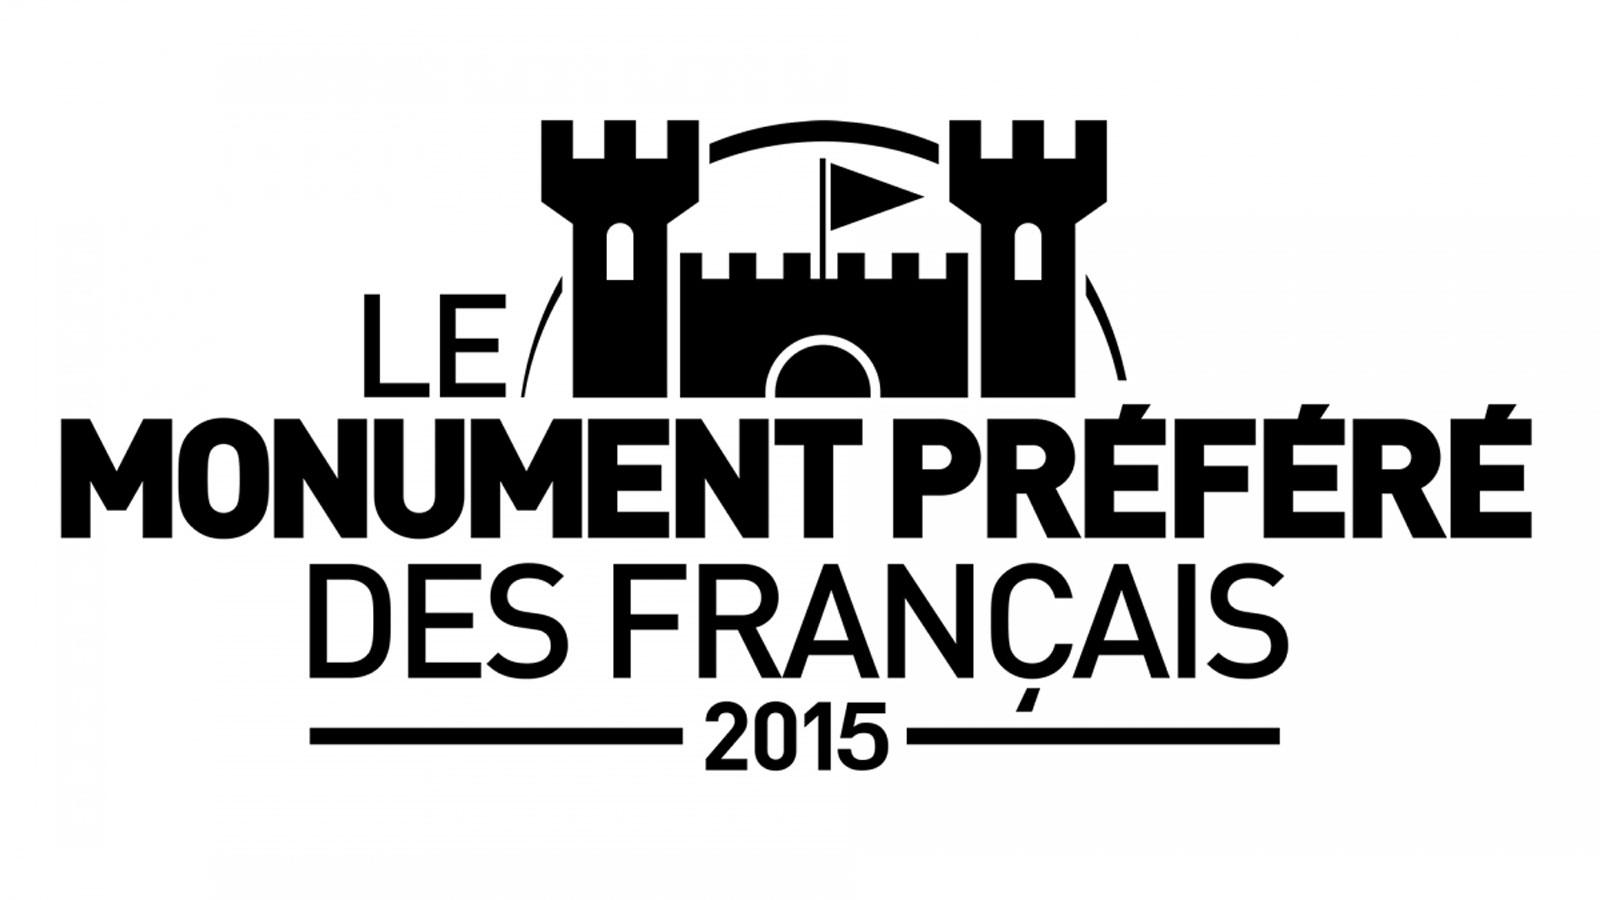 Monument préféré des français : votez pour le moulin de la Blies de Sarreguemines